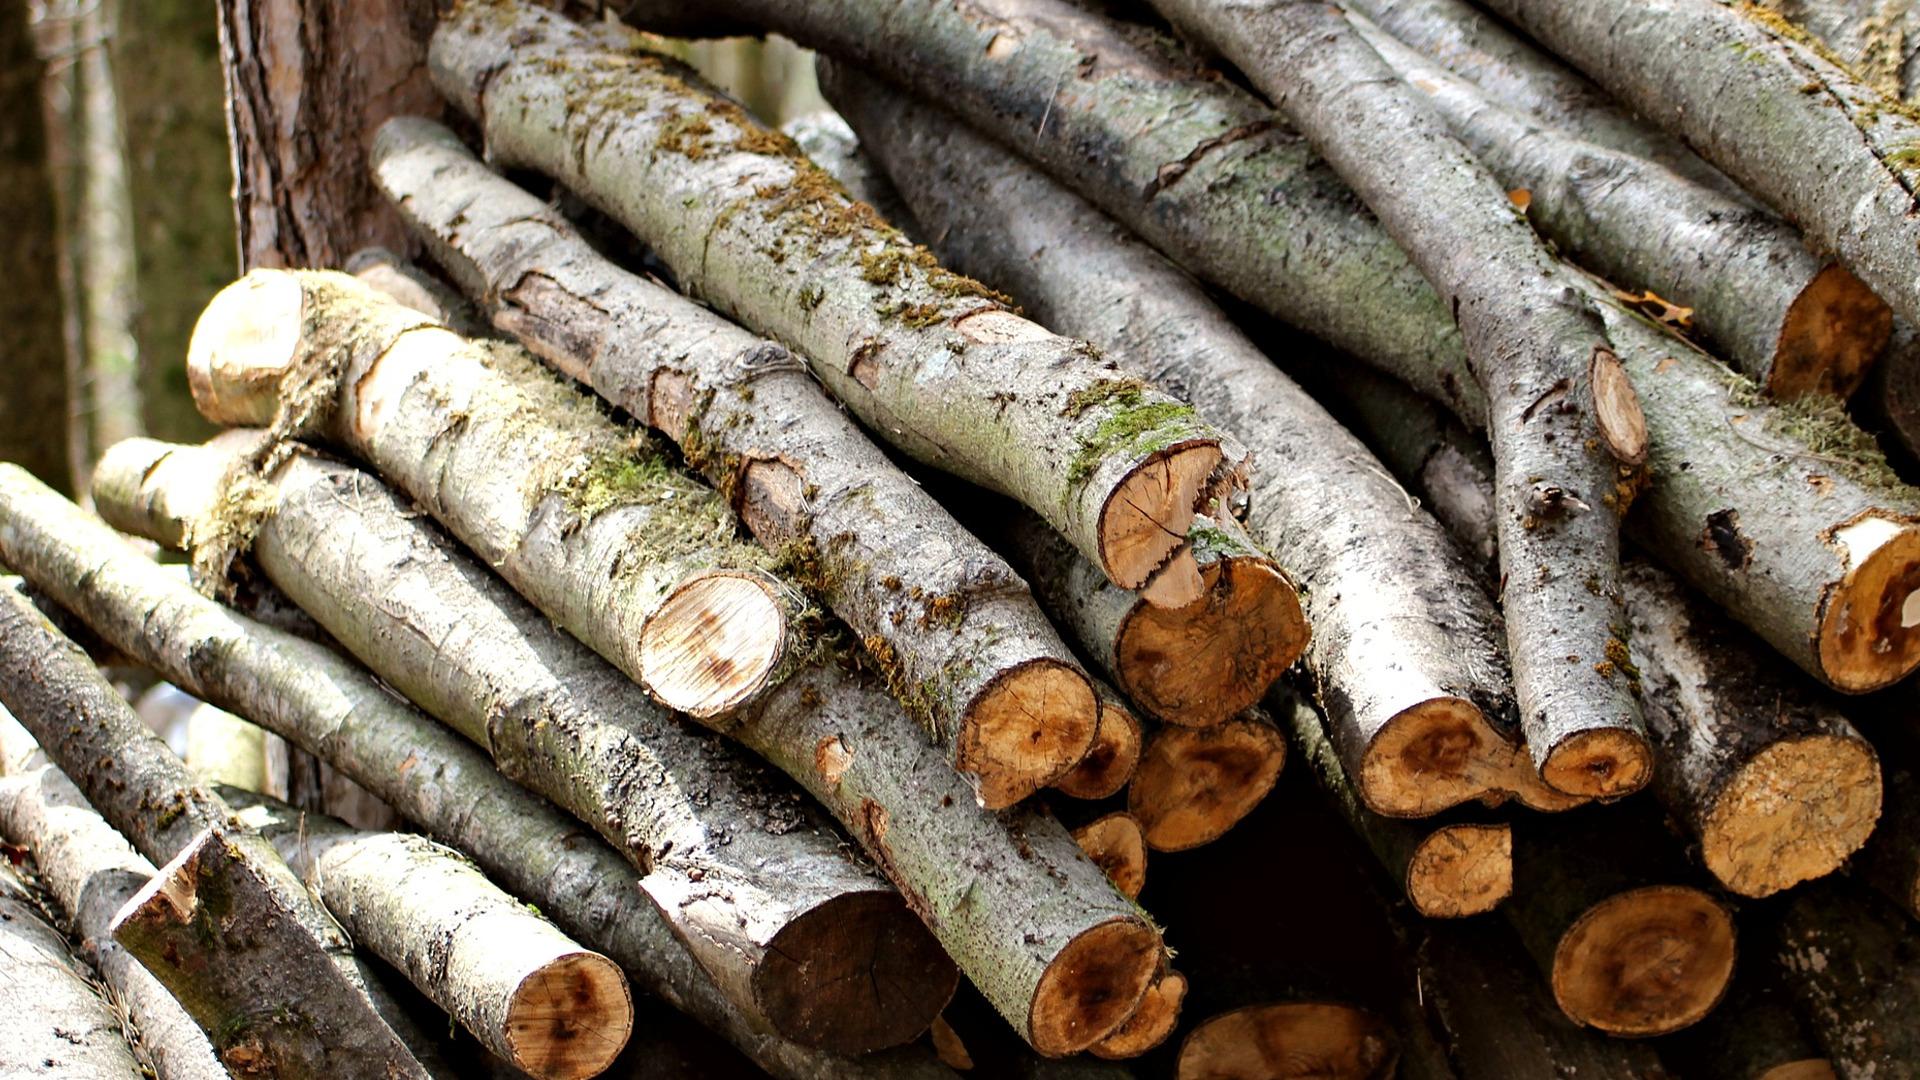 Ayudas para la industria forestal1920